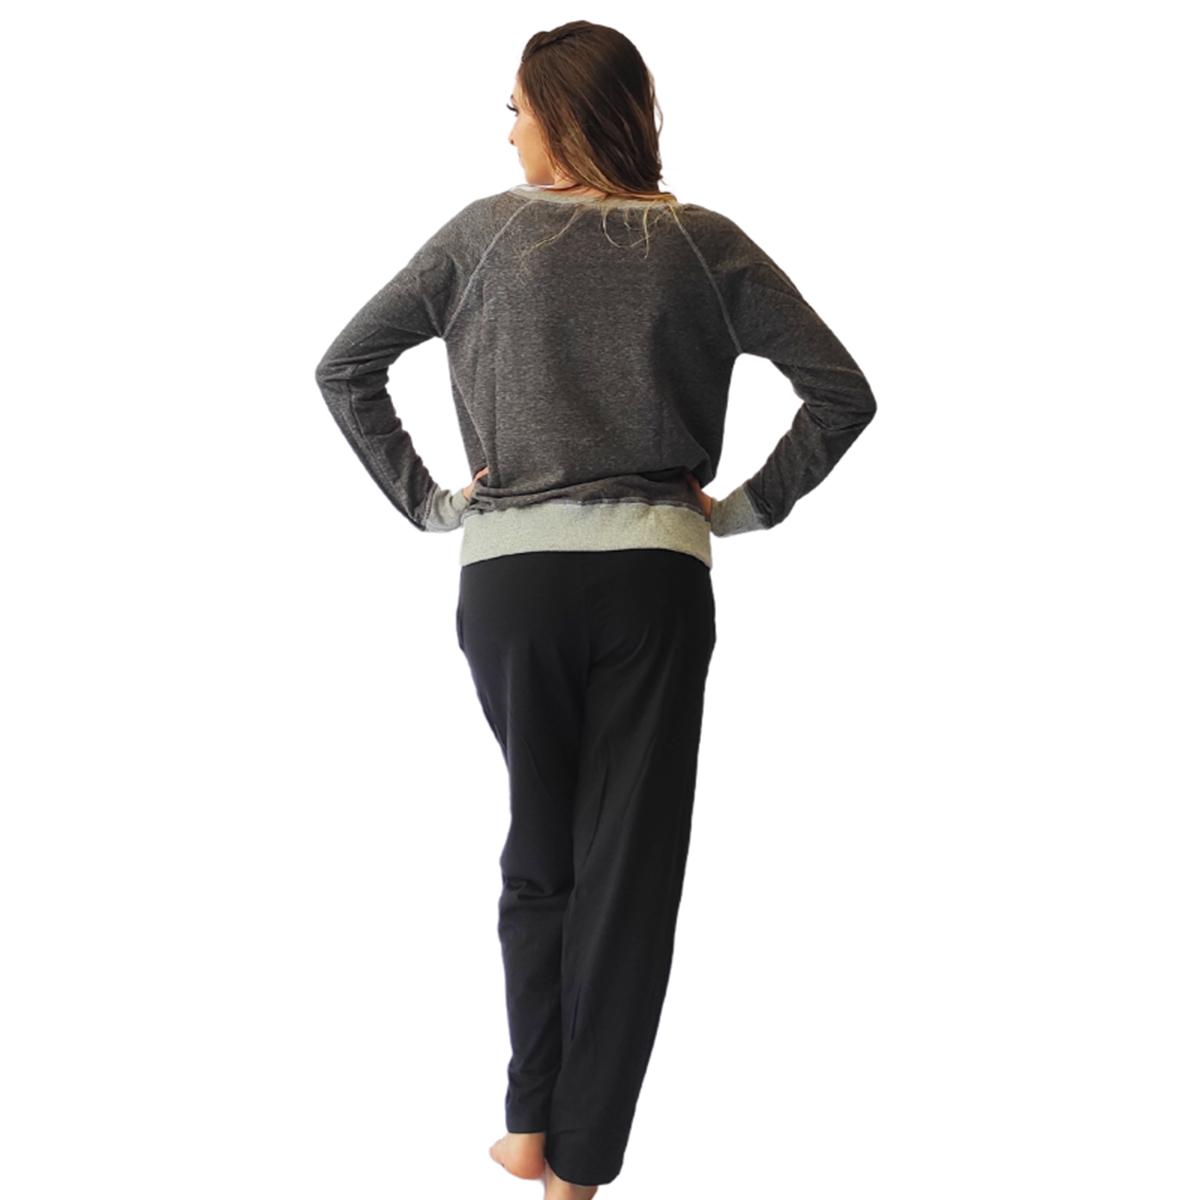 Pijama feminino inverno  blusa manga longa quentinho